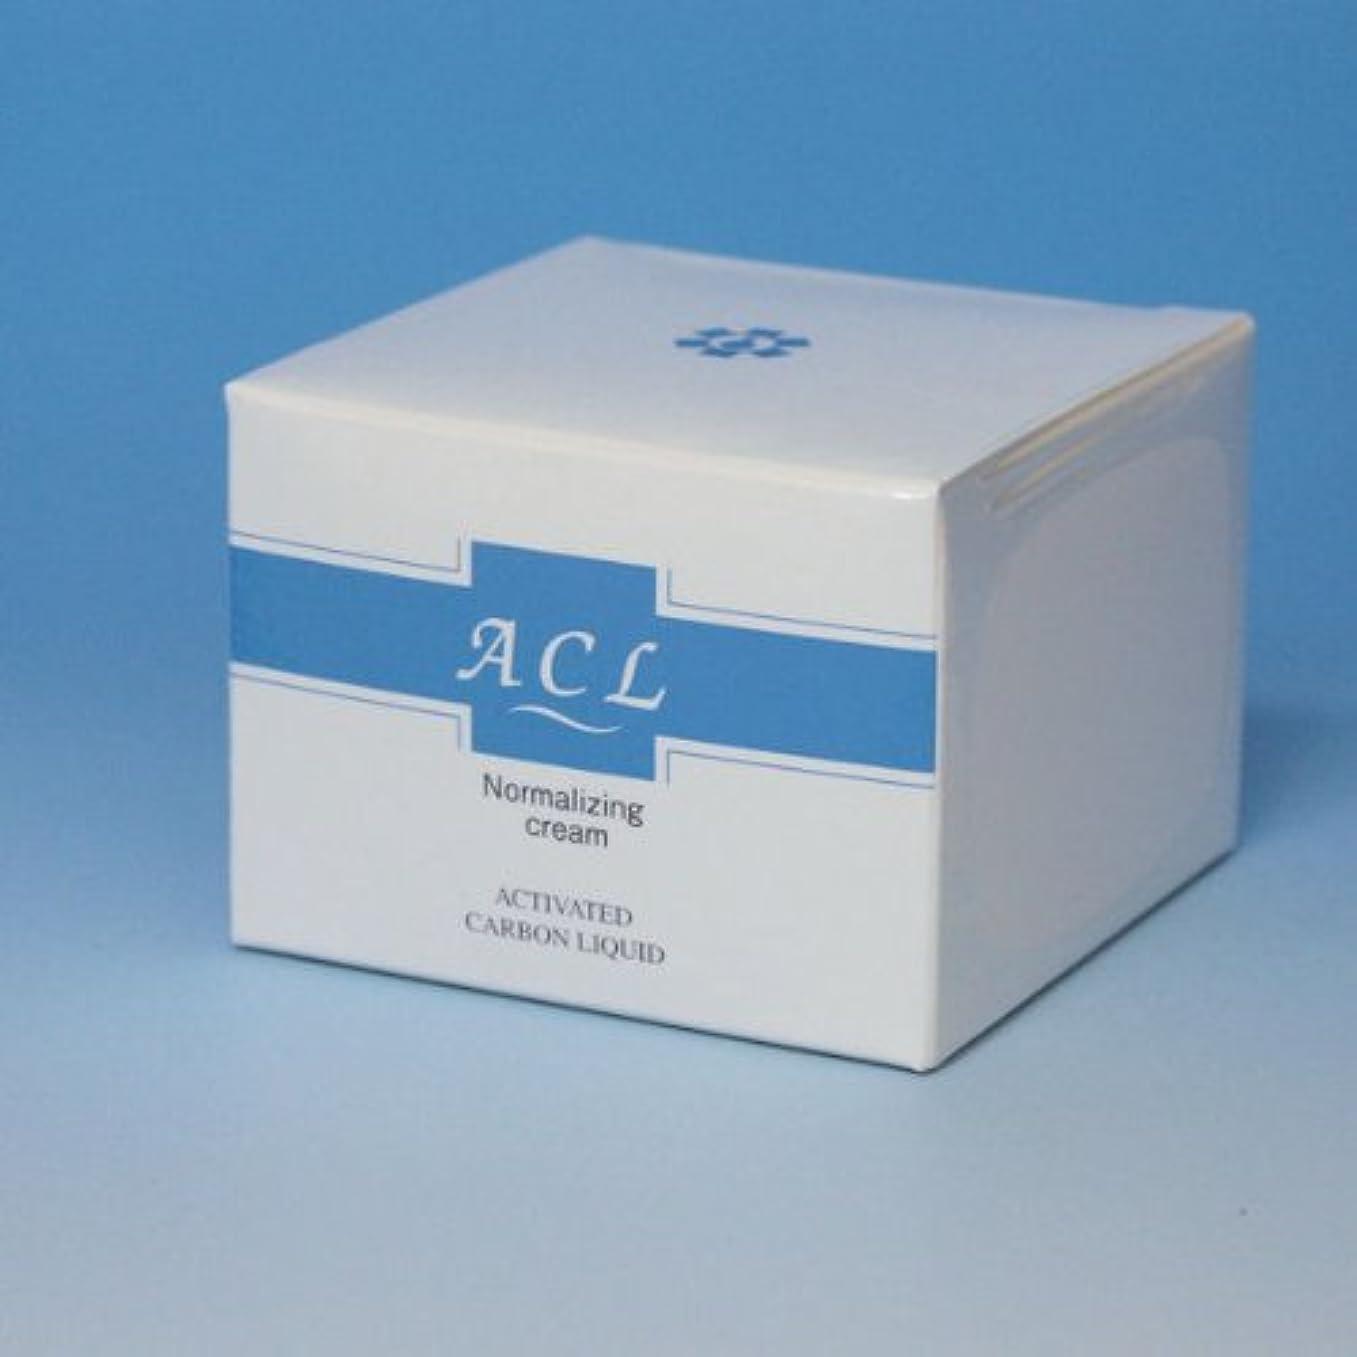 後悔つぶやきことわざ【日邦薬品】ACLノーマライジングクリーム 30g